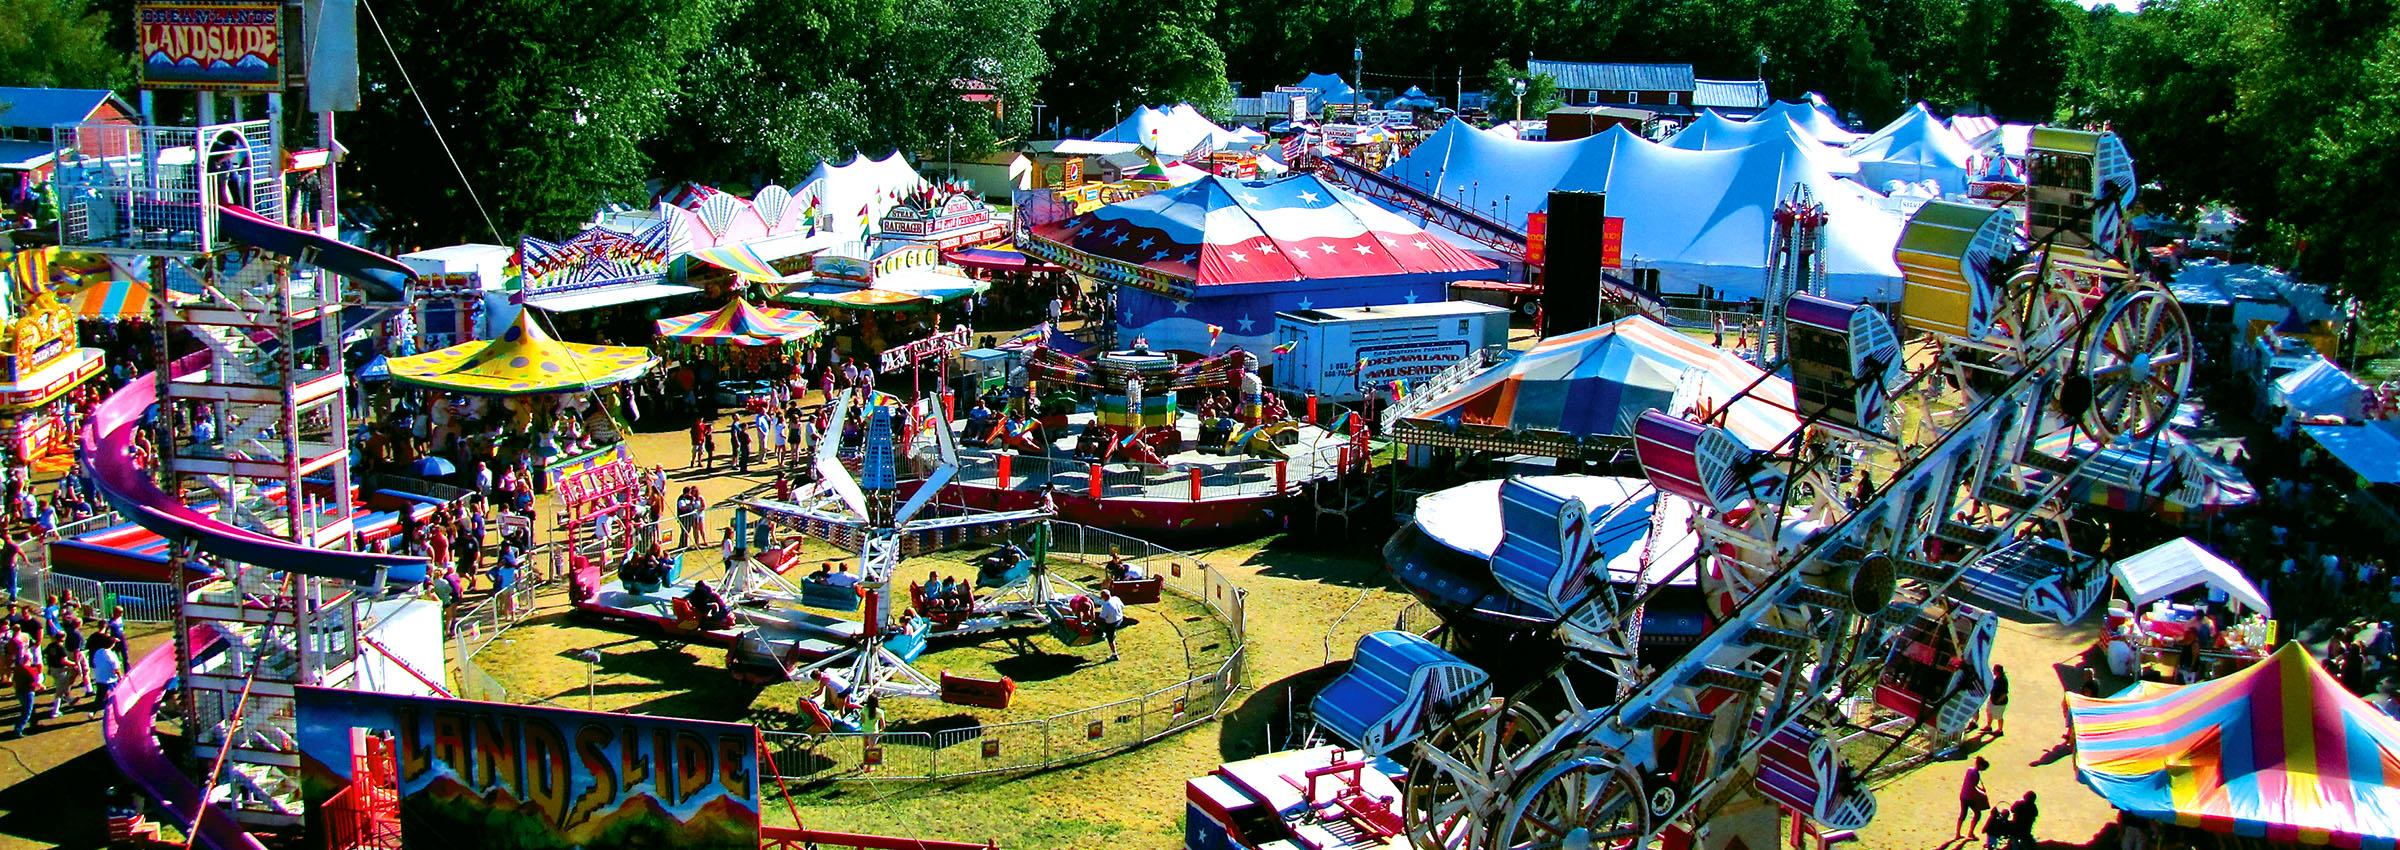 Carnival & Amusement Park Rides | Dreamland Amusements ...